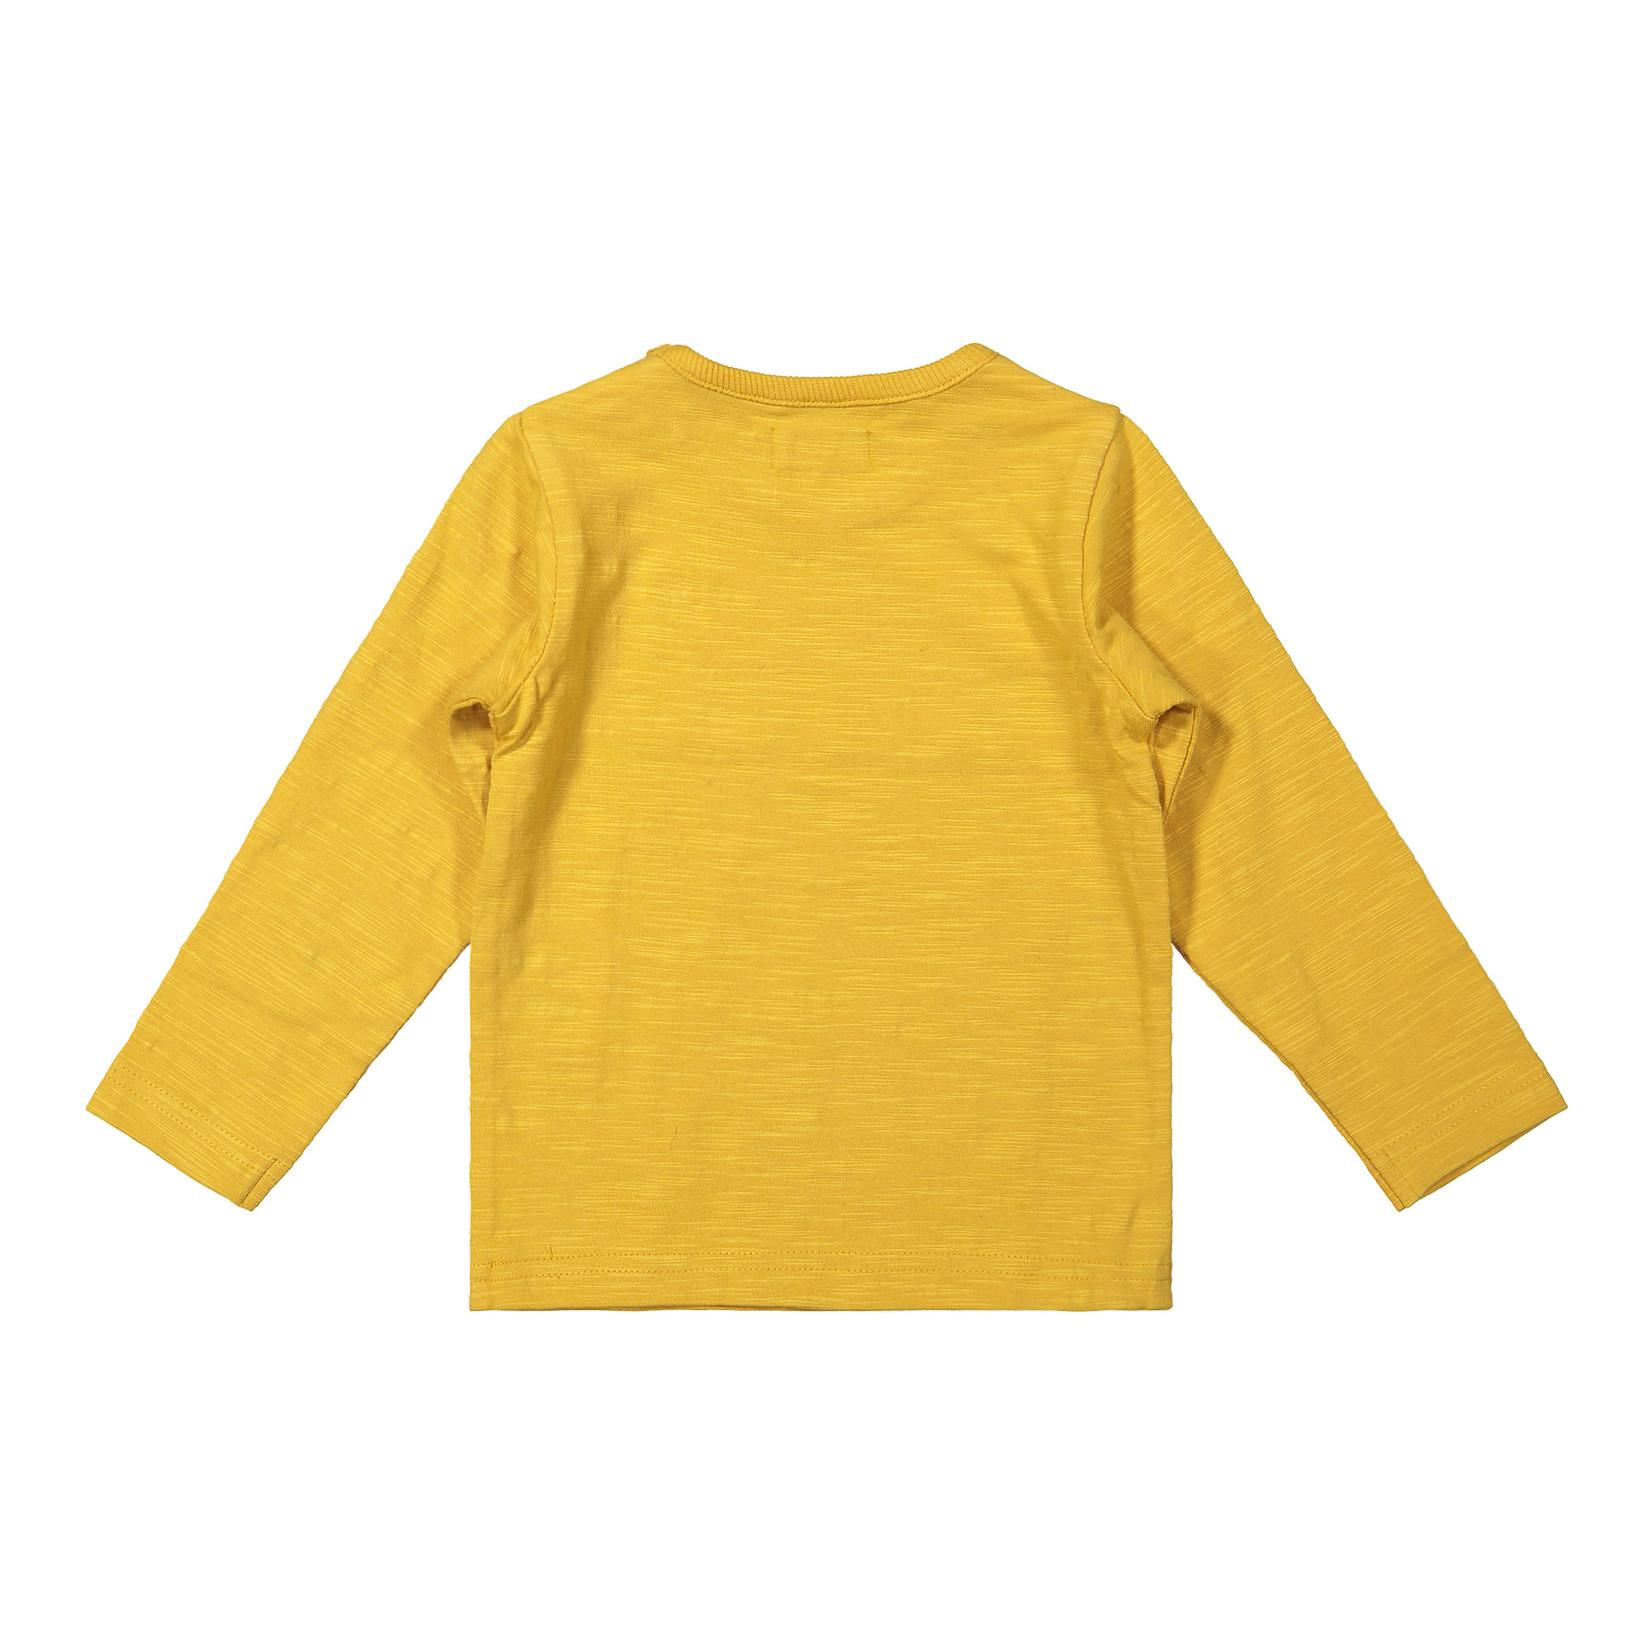 Dirkje Jongens longsleeve oker geel